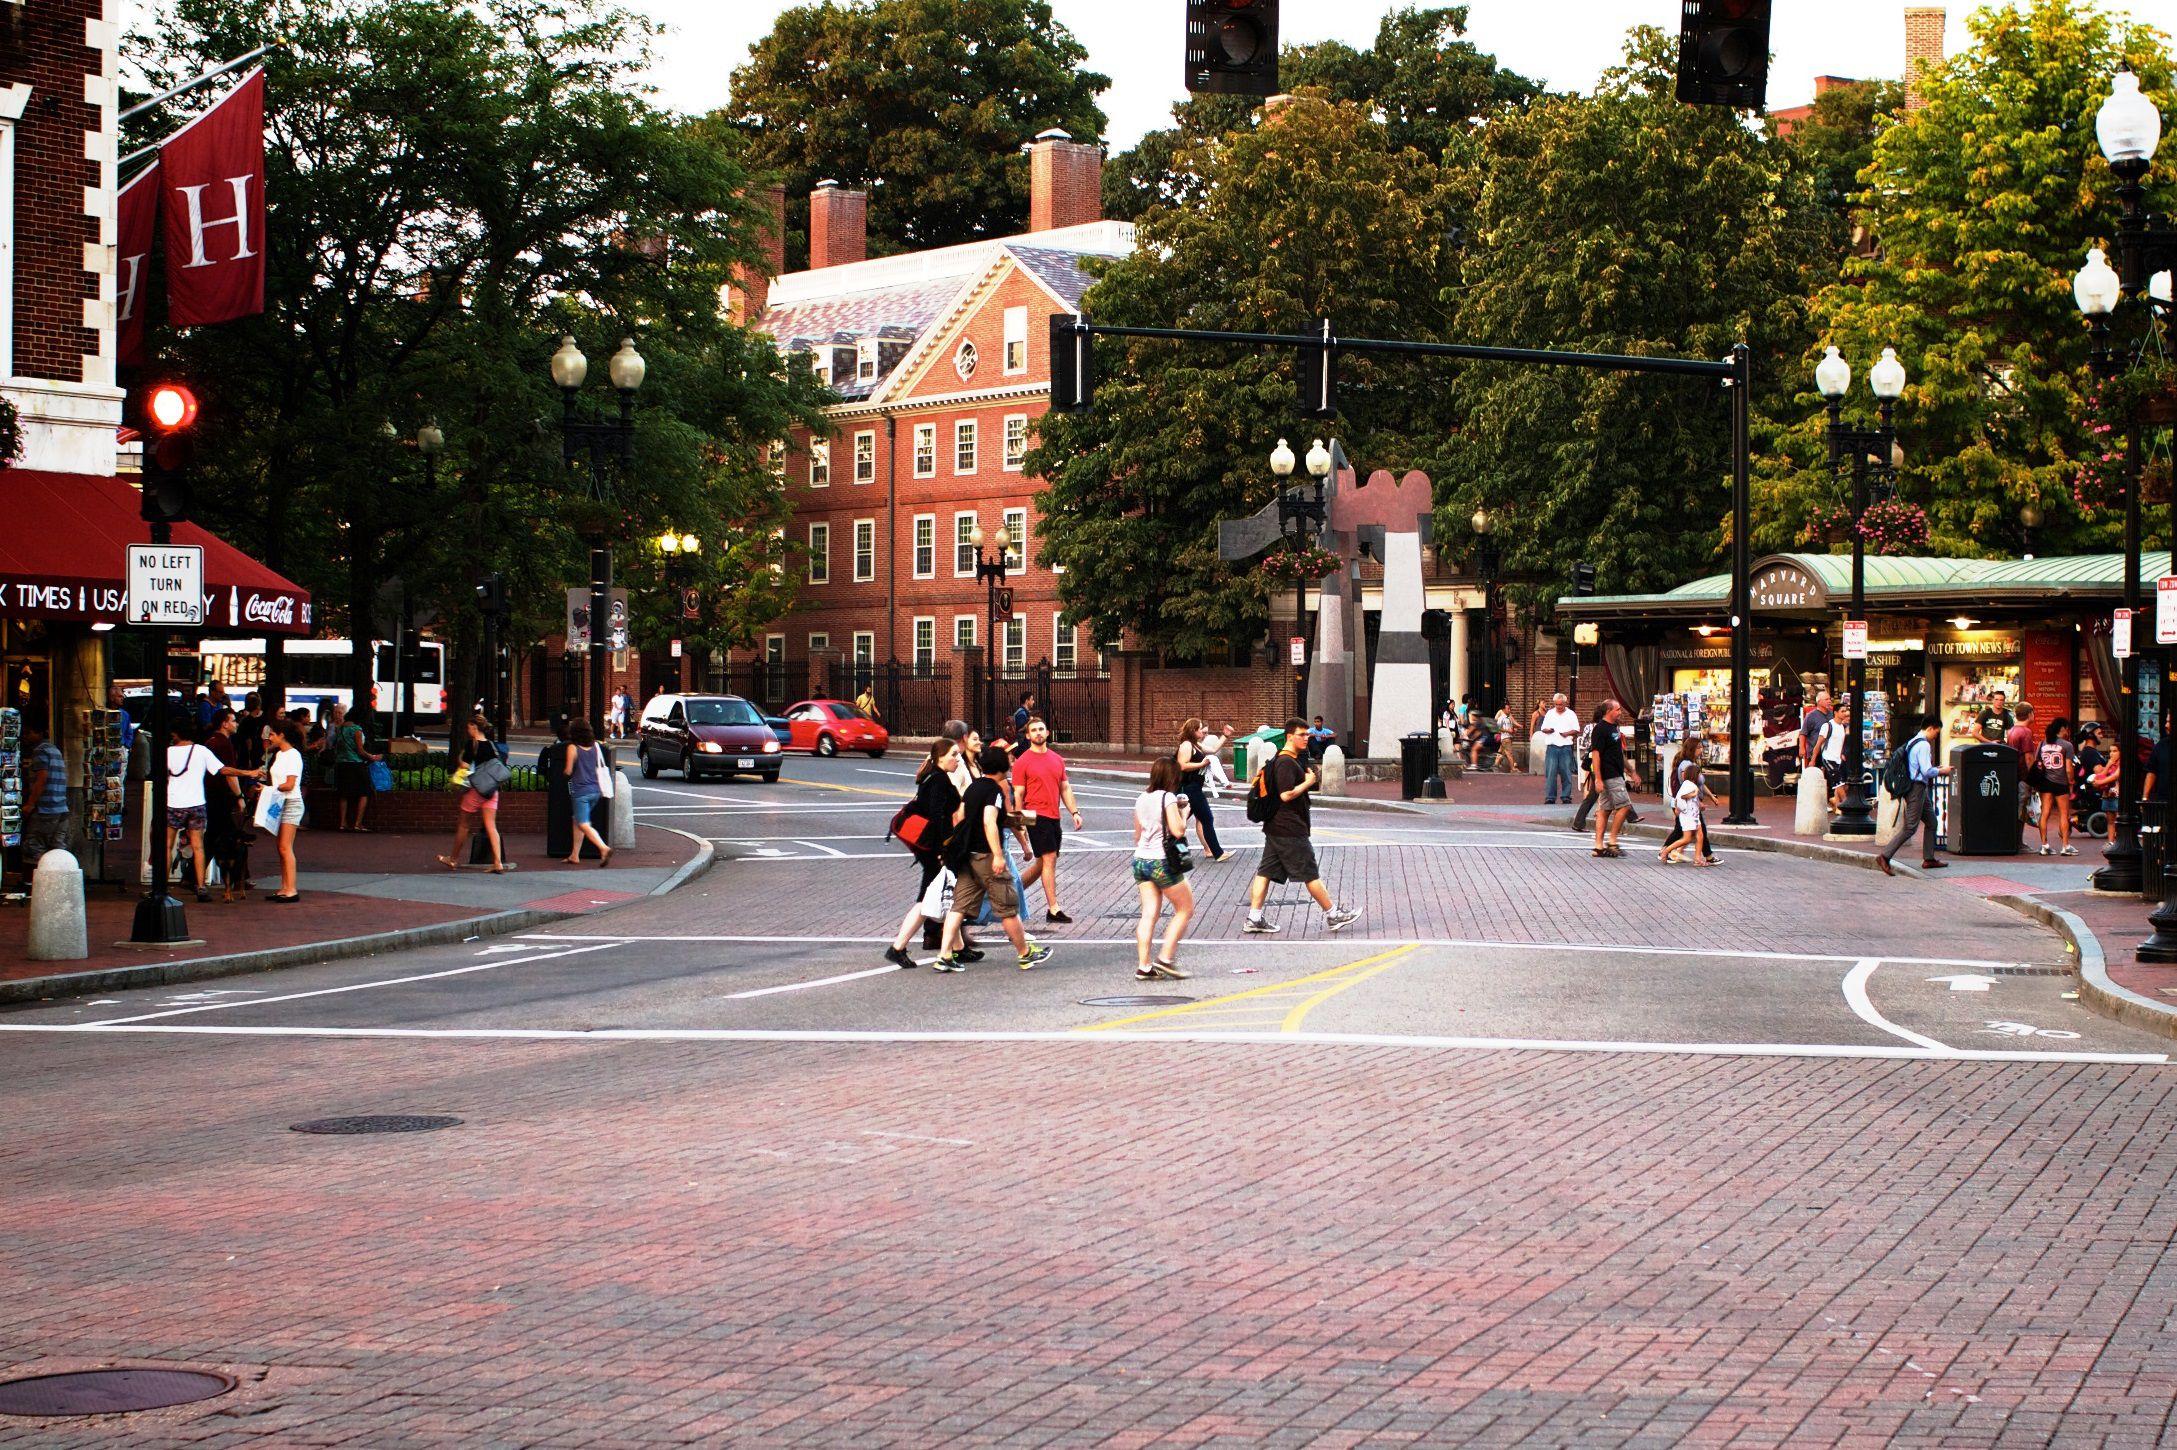 Harvard Square in Cambridge, Massachusetts